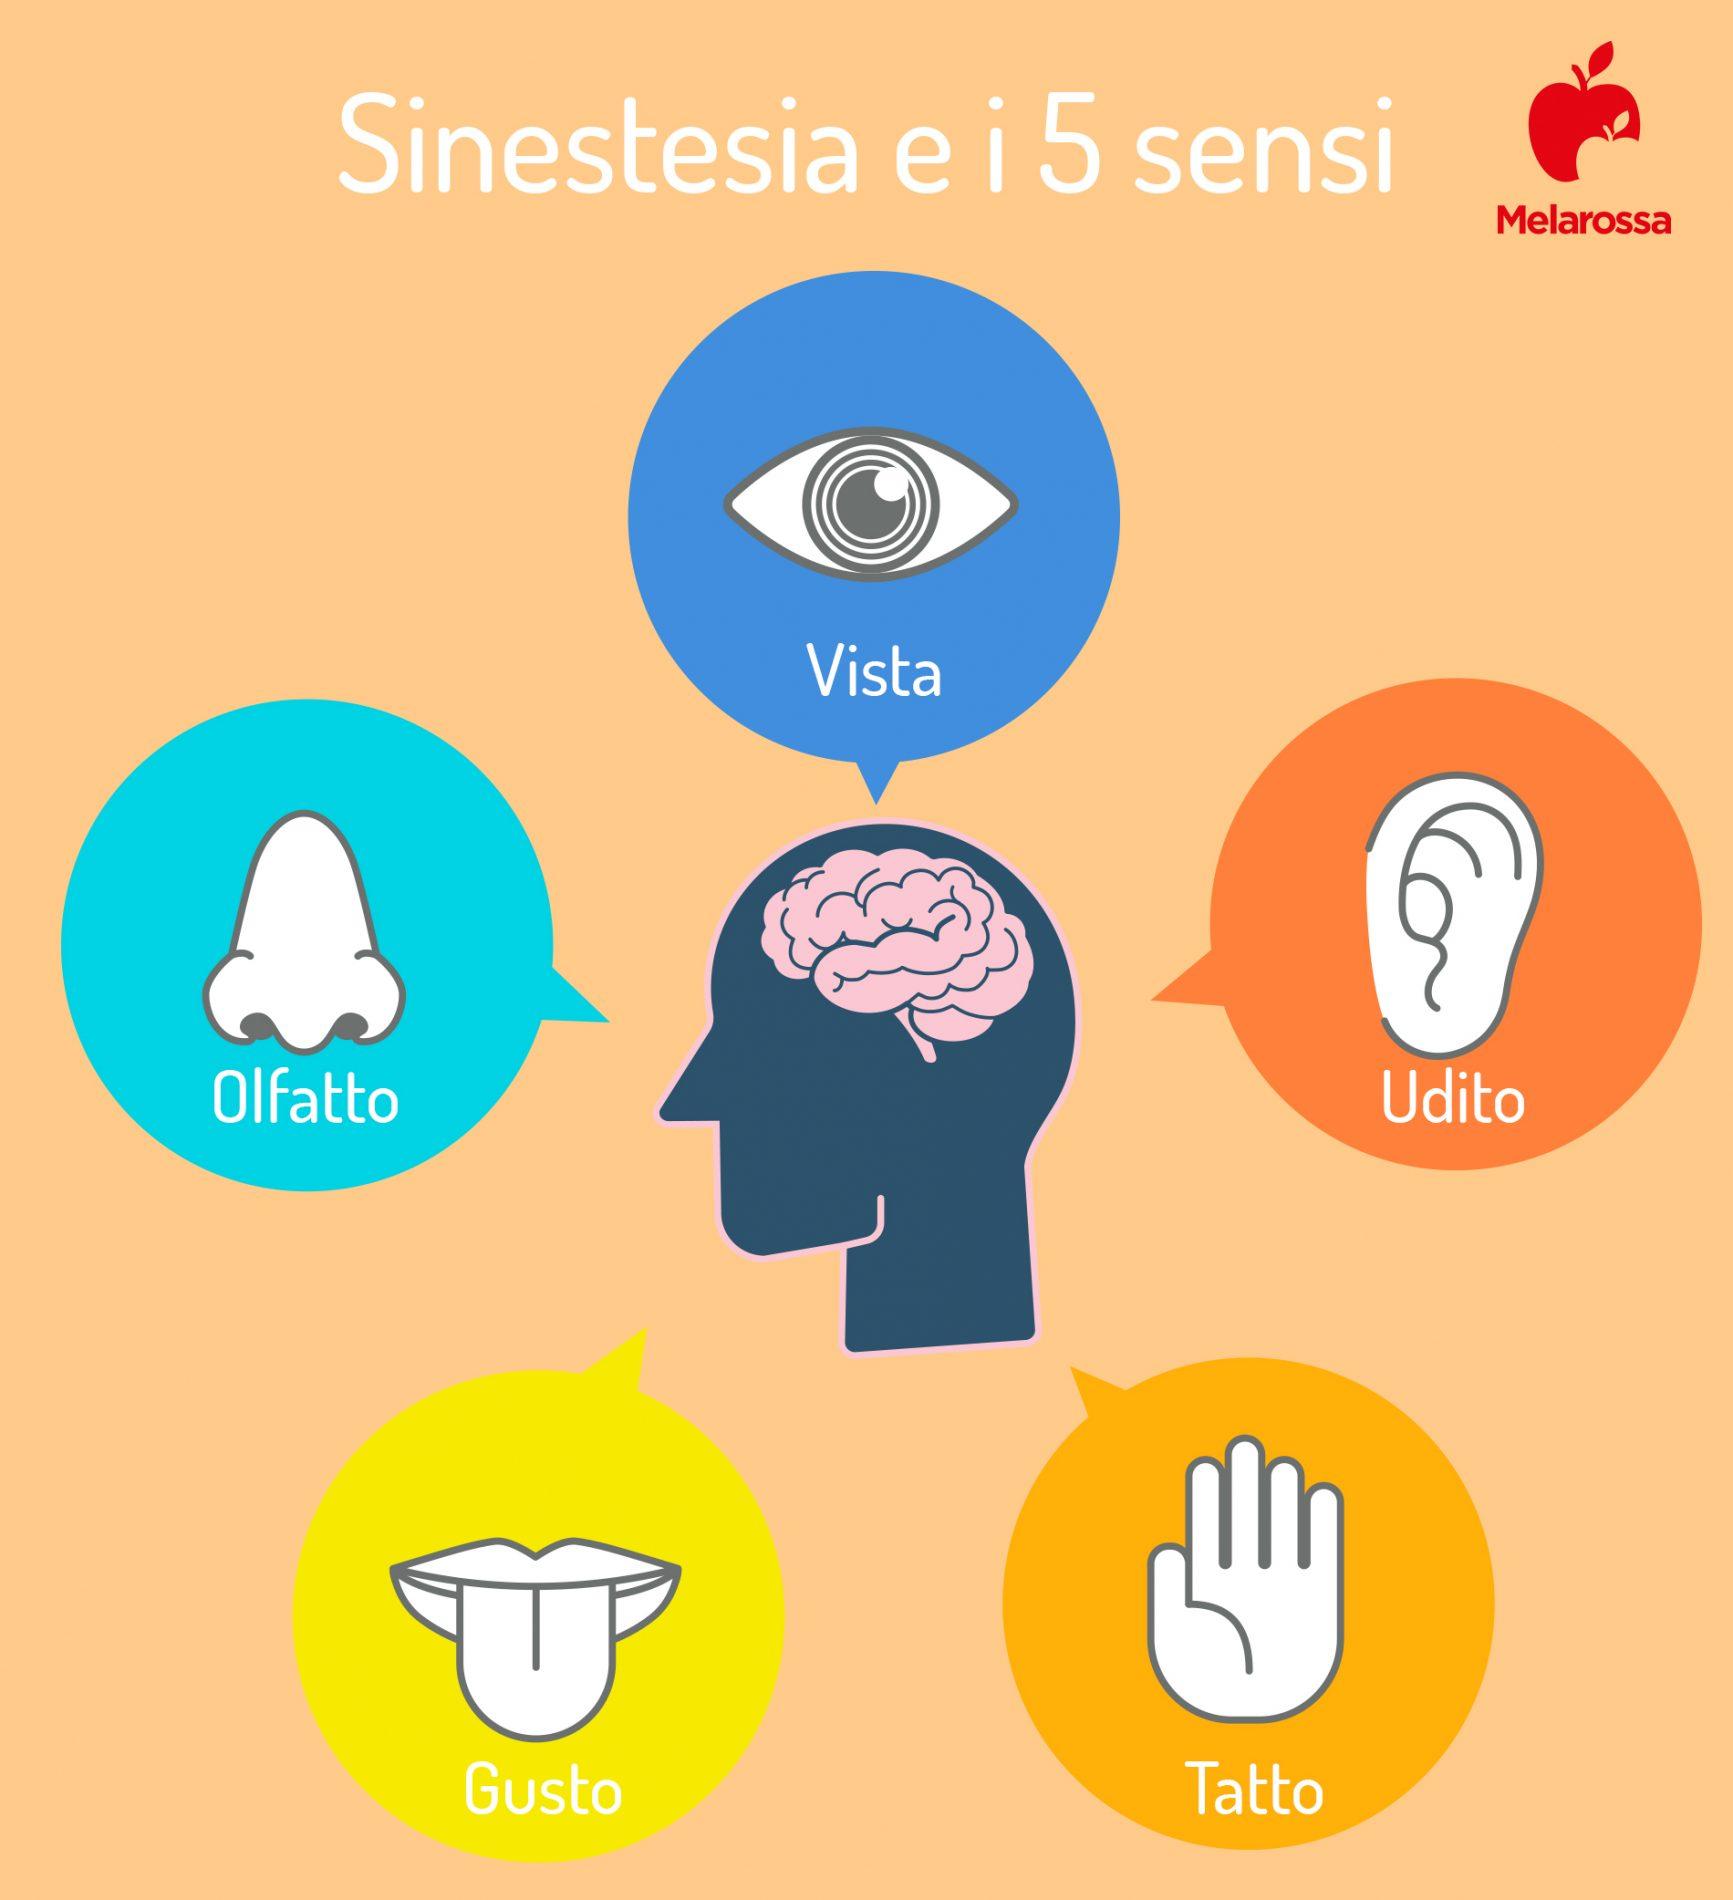 sinestesia e i 5 sensi